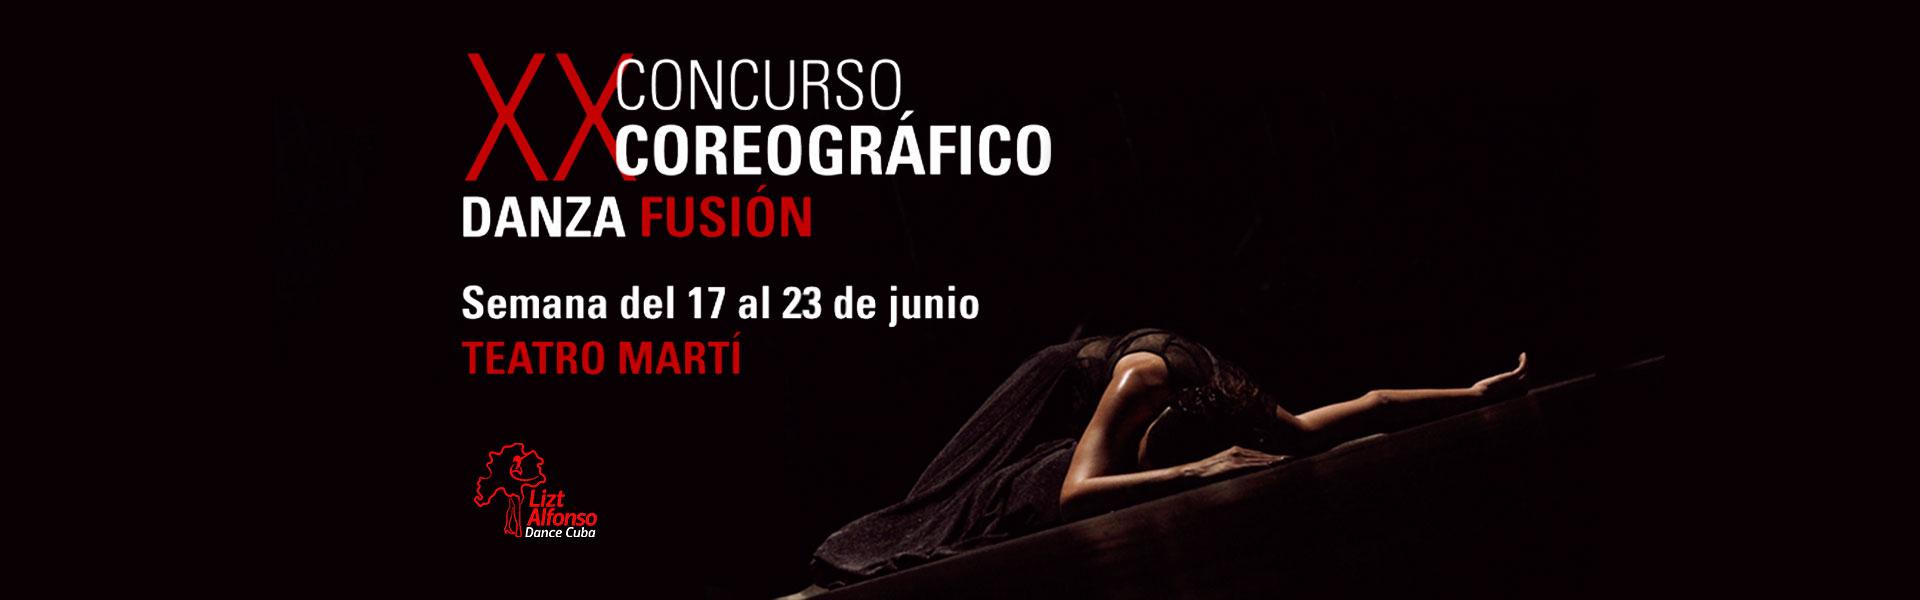 XX Concurso Coreográfico Danza fusión